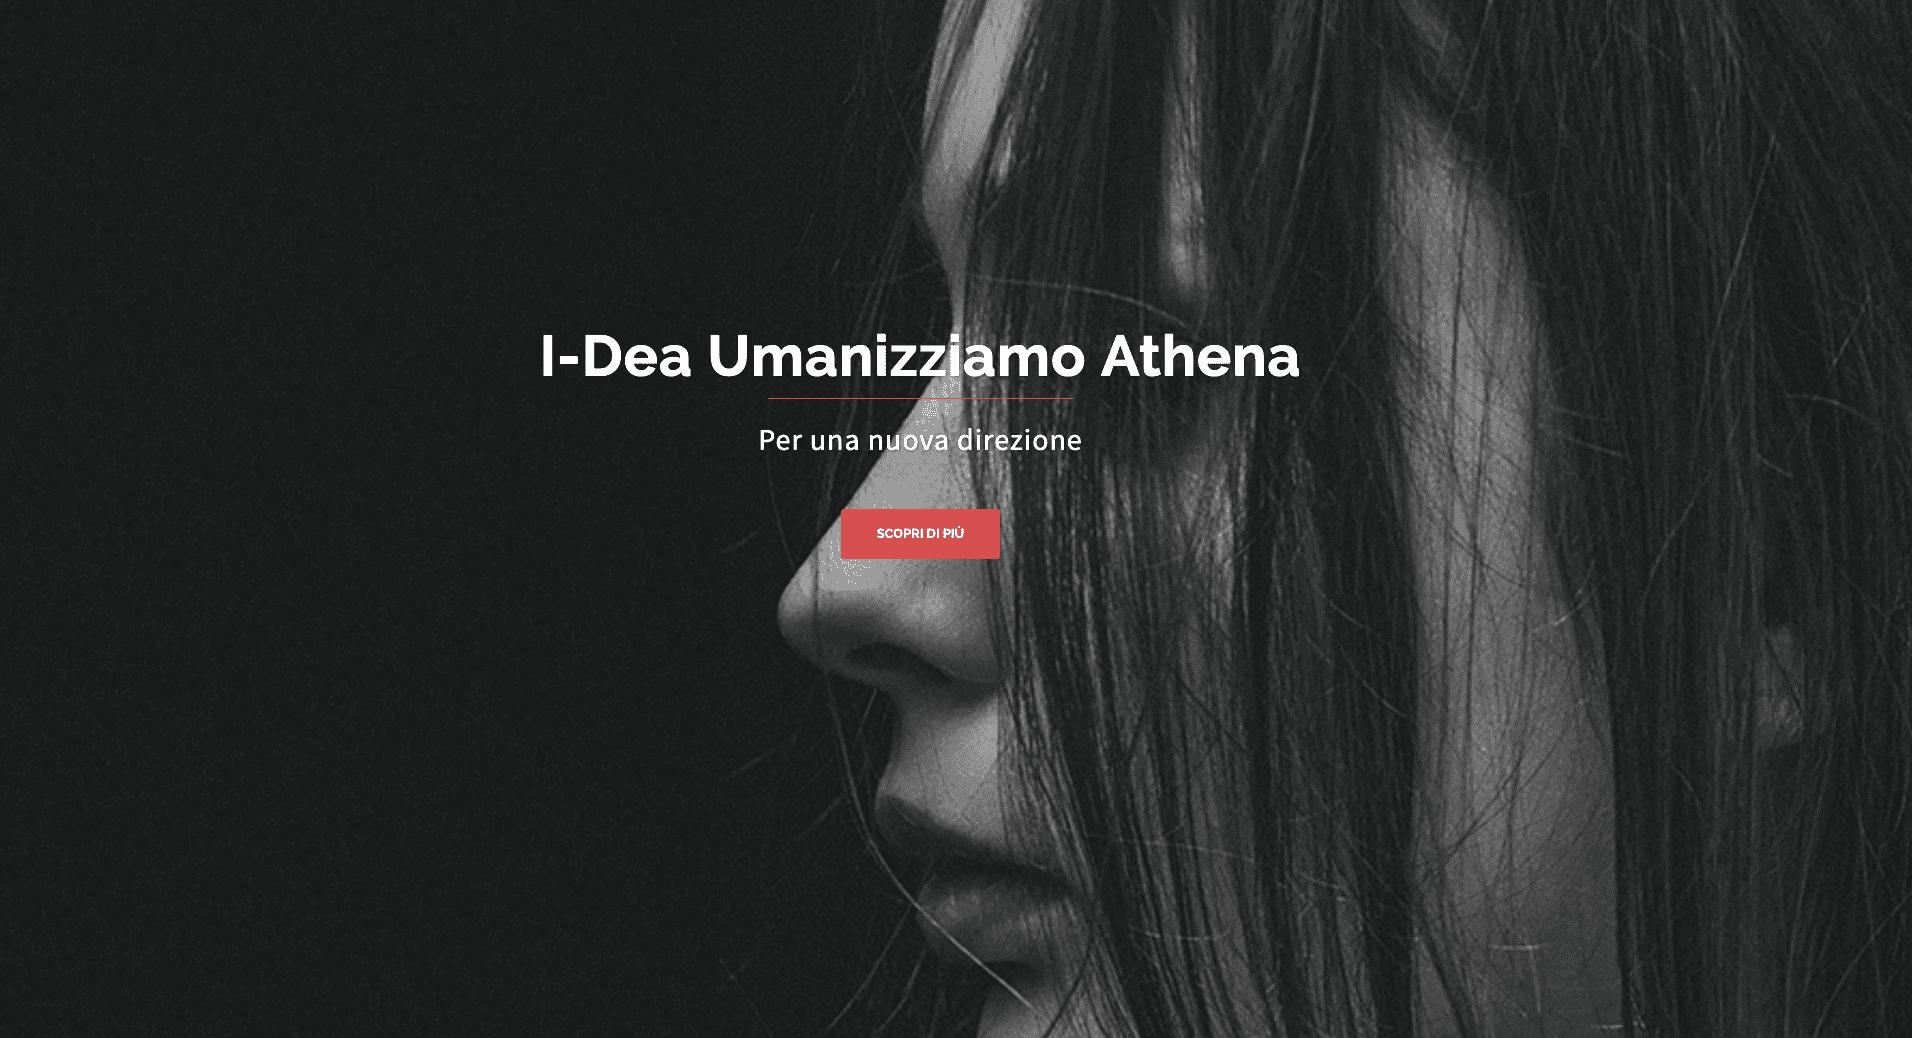 Appuntamento al femminile con Il gruppo I-DEA, Umanizziamo Athena